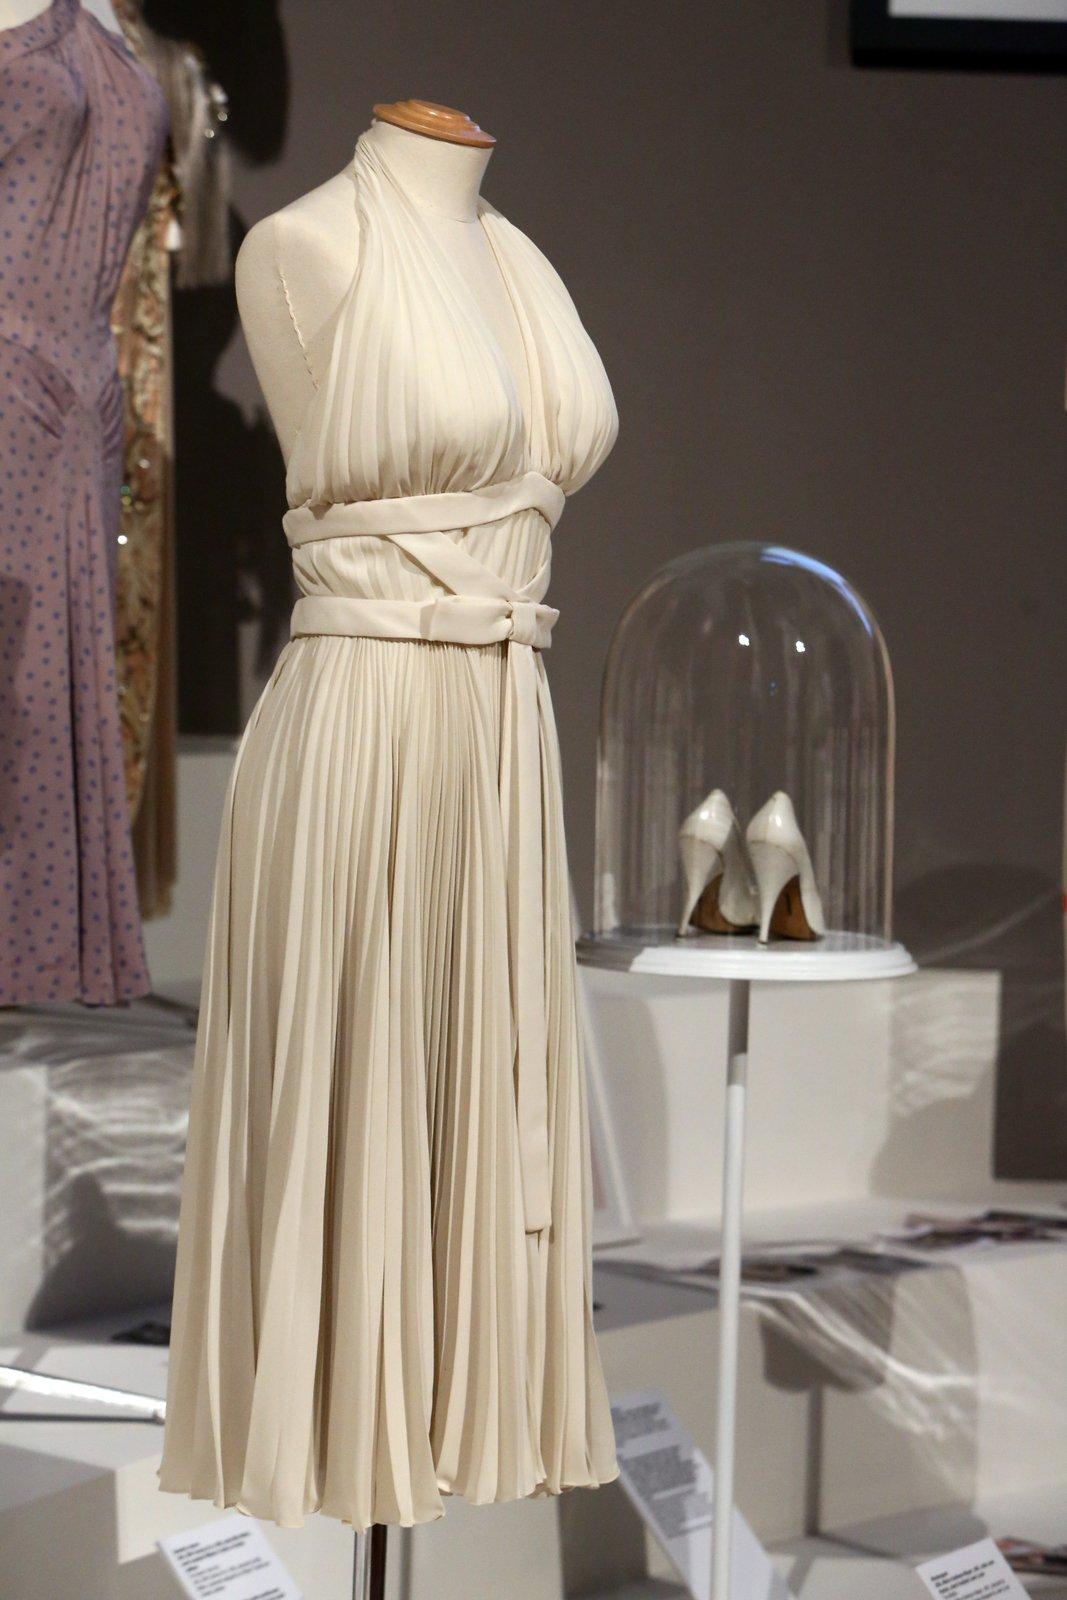 Díky legendárná póze nad pouličním větrákem se tyto bílé šaty staly nejznámějším modelem z dějin kinematografie. Scéna je z filmu Slaměný vdovec z roku 1955.